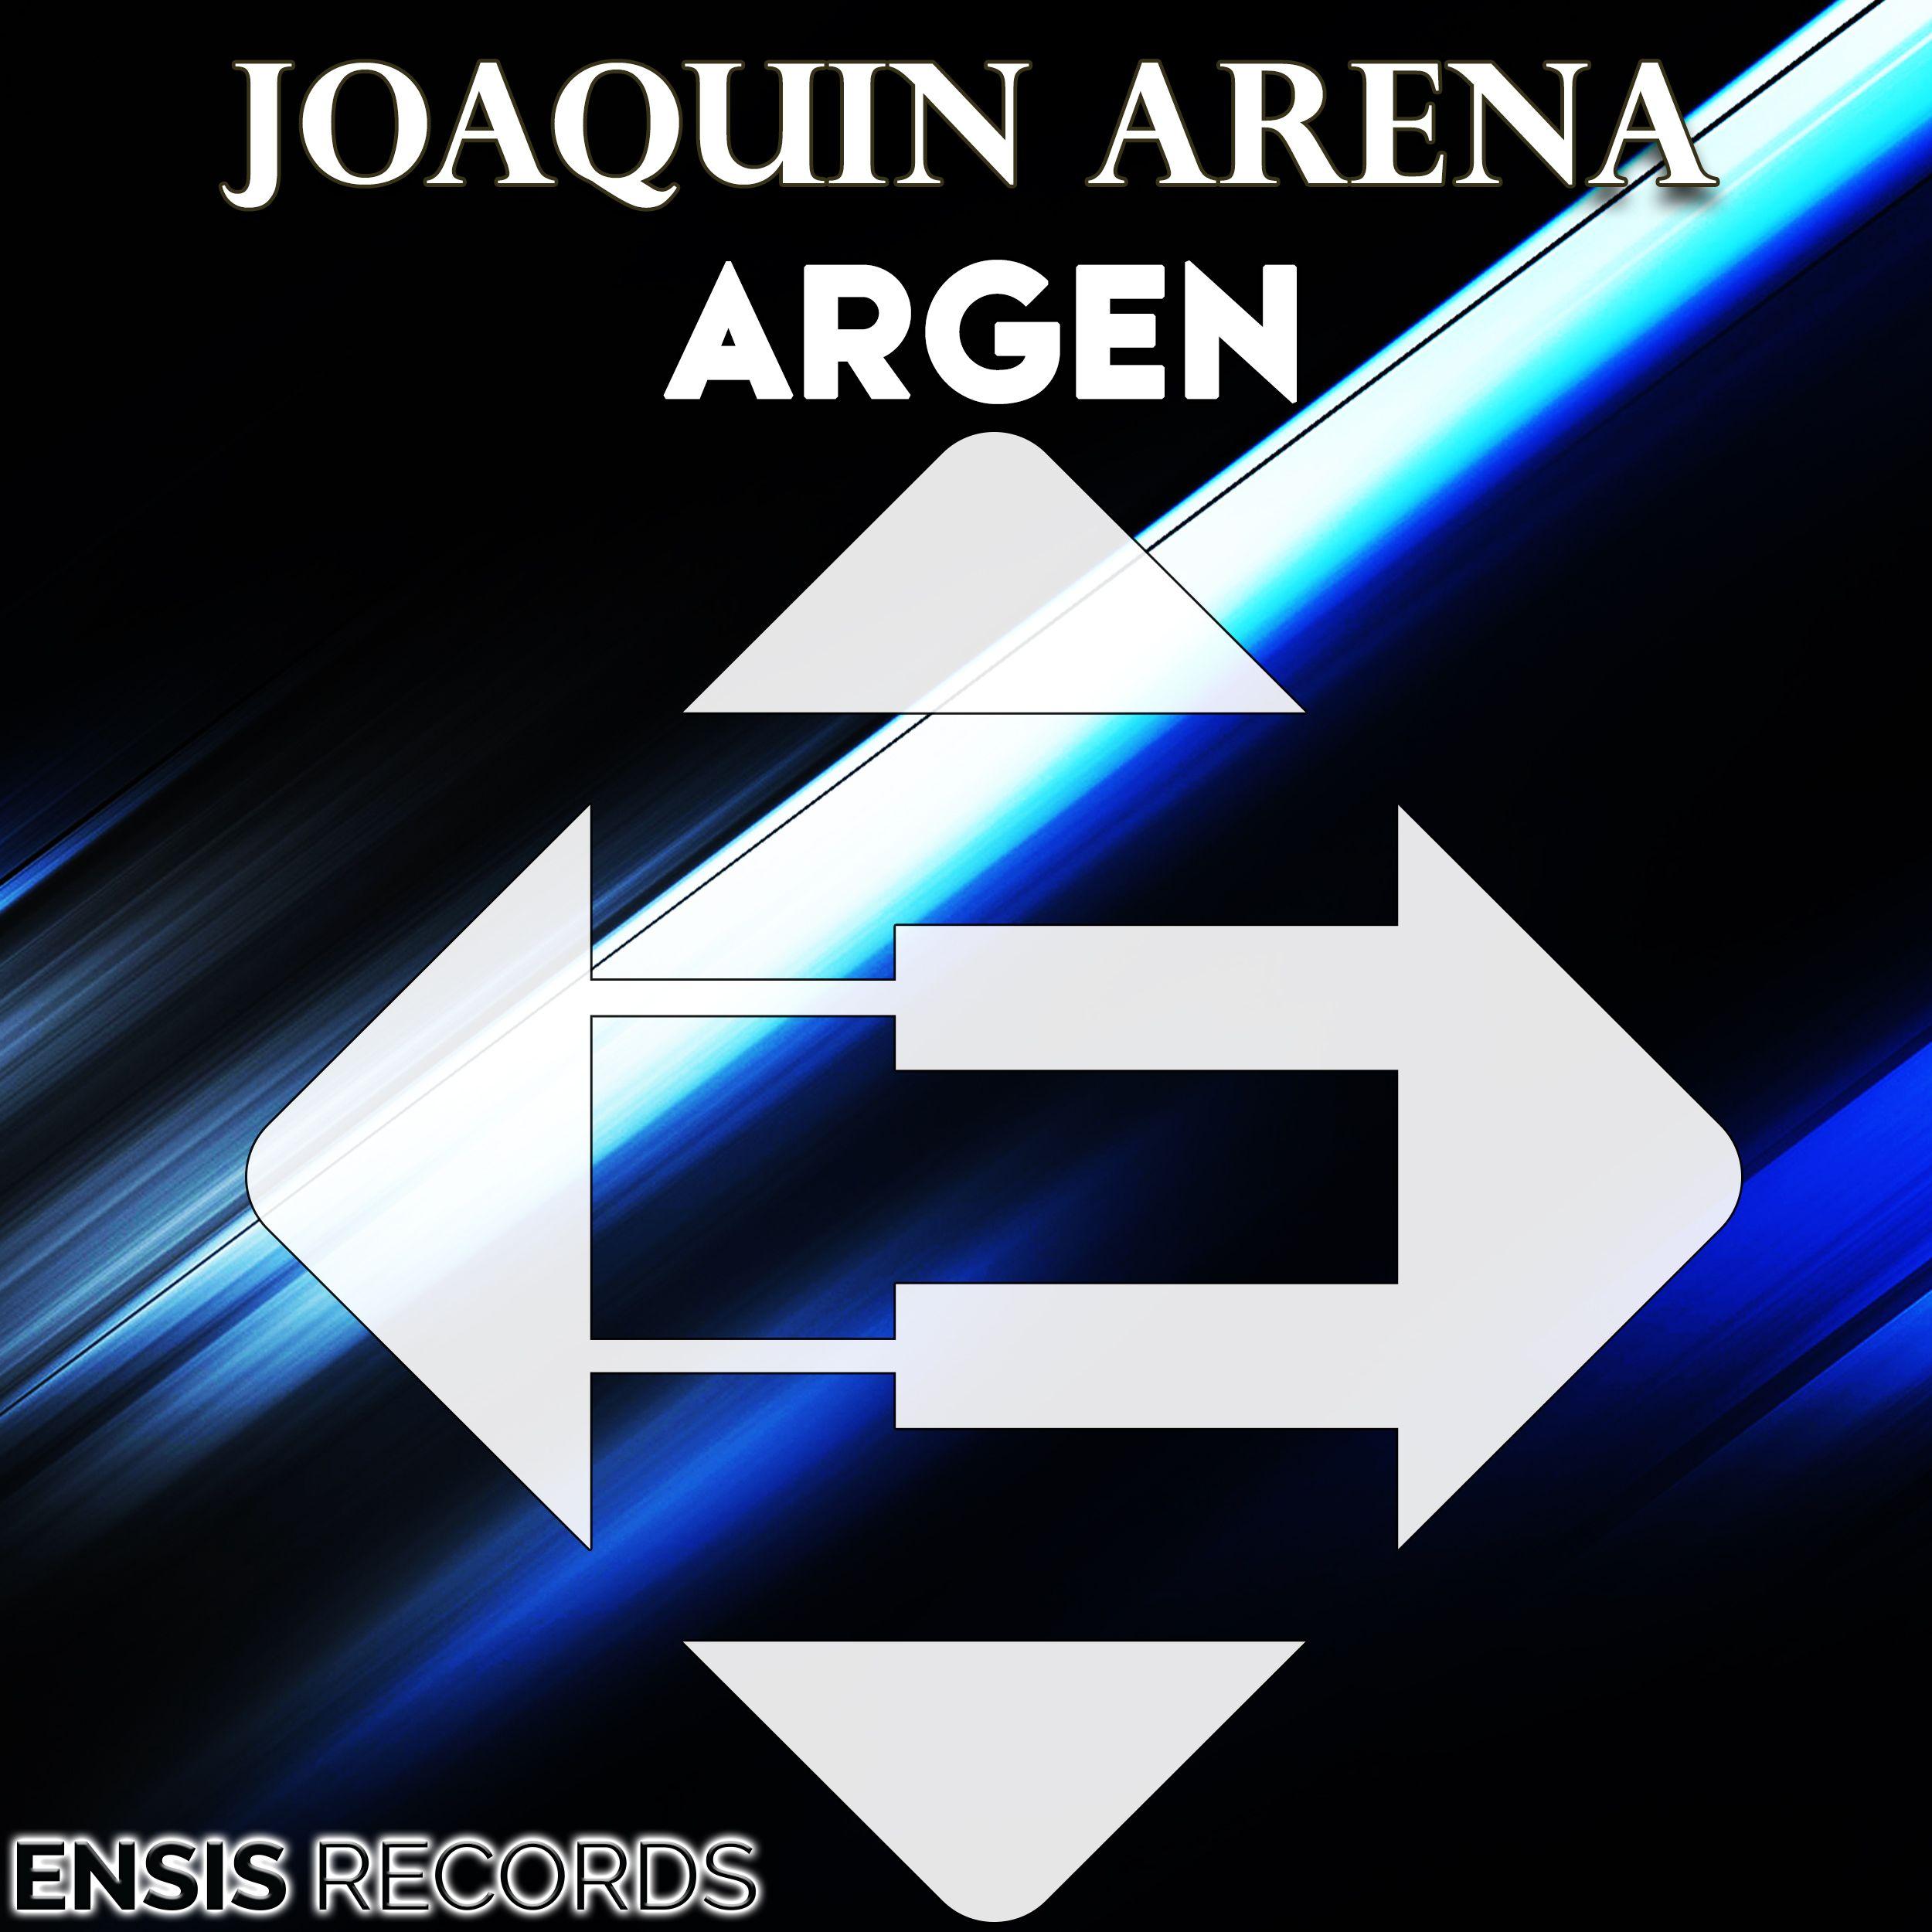 joaquin_arena_-_argen.jpg